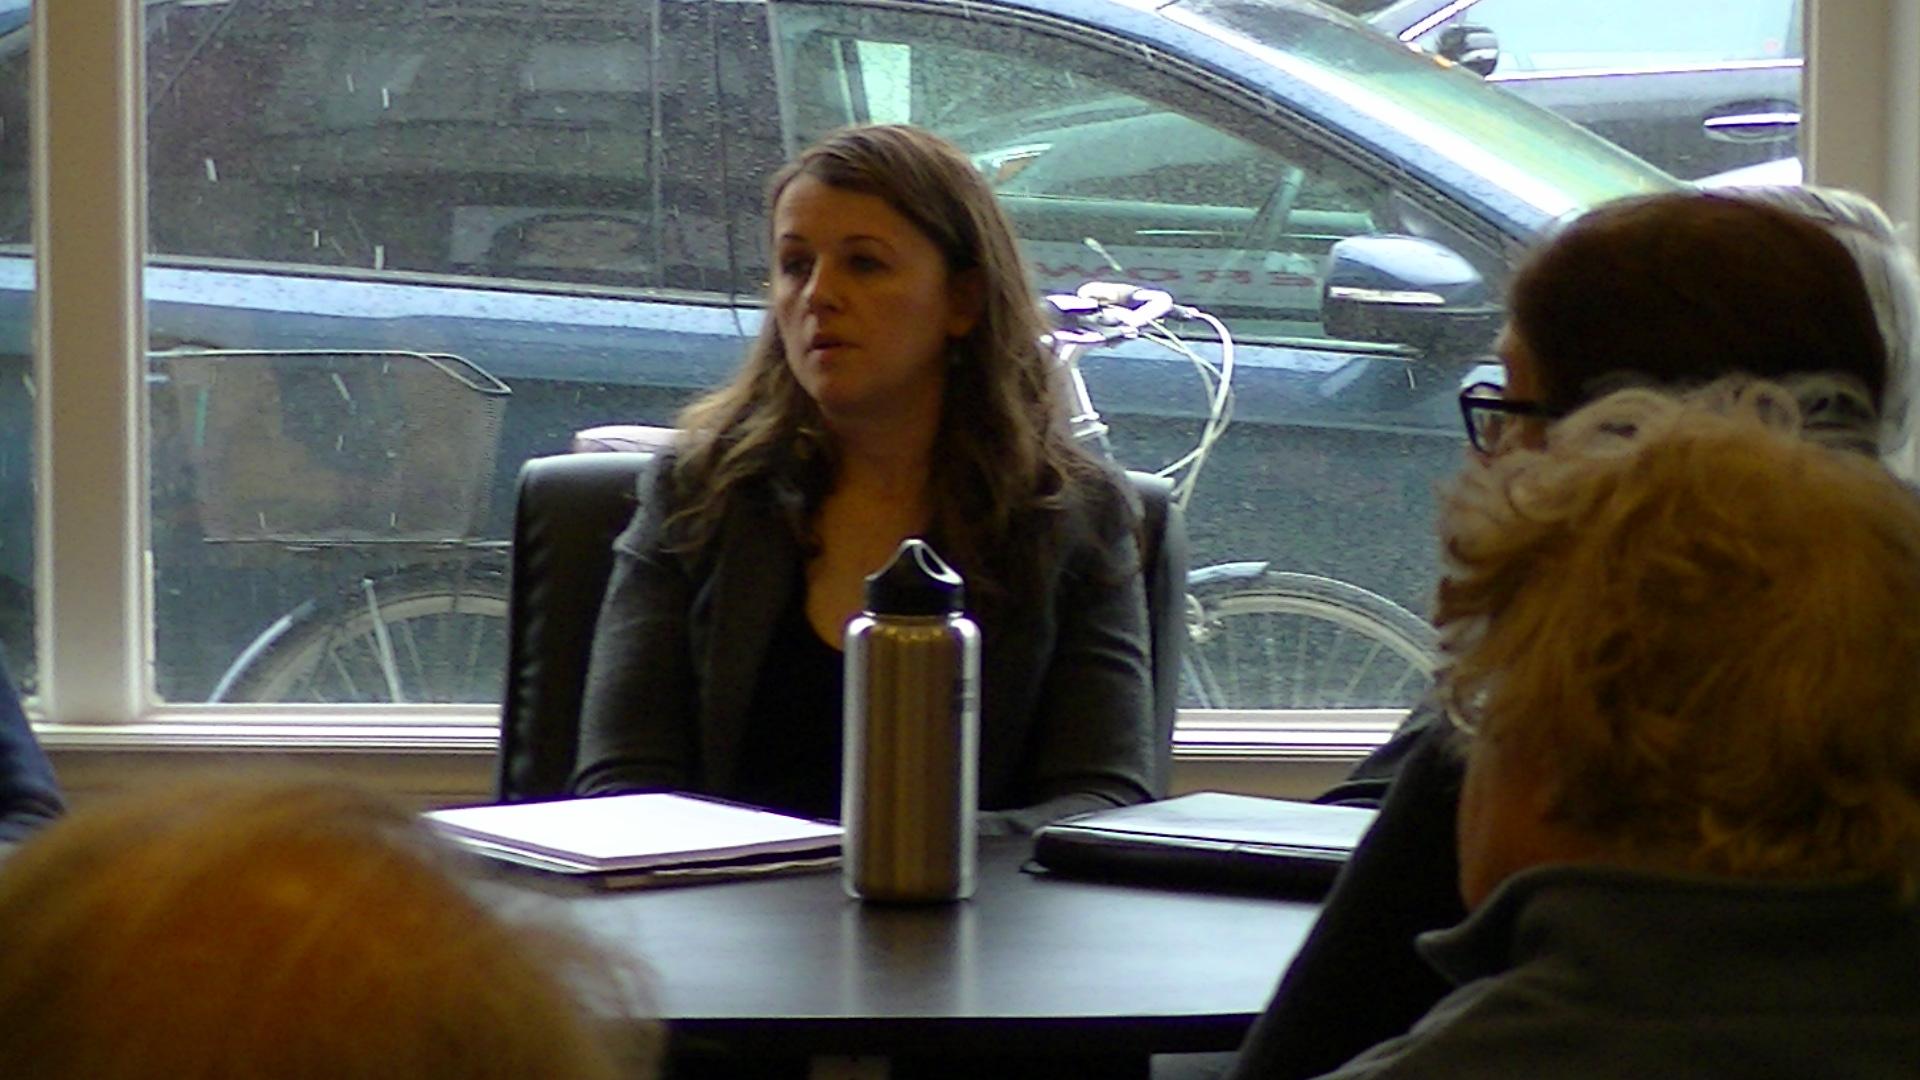 Julie Dzerowicz entourée des éléments de Davenport, la circonscription ou se trouvent les locaux de CHOQ FM 105.1